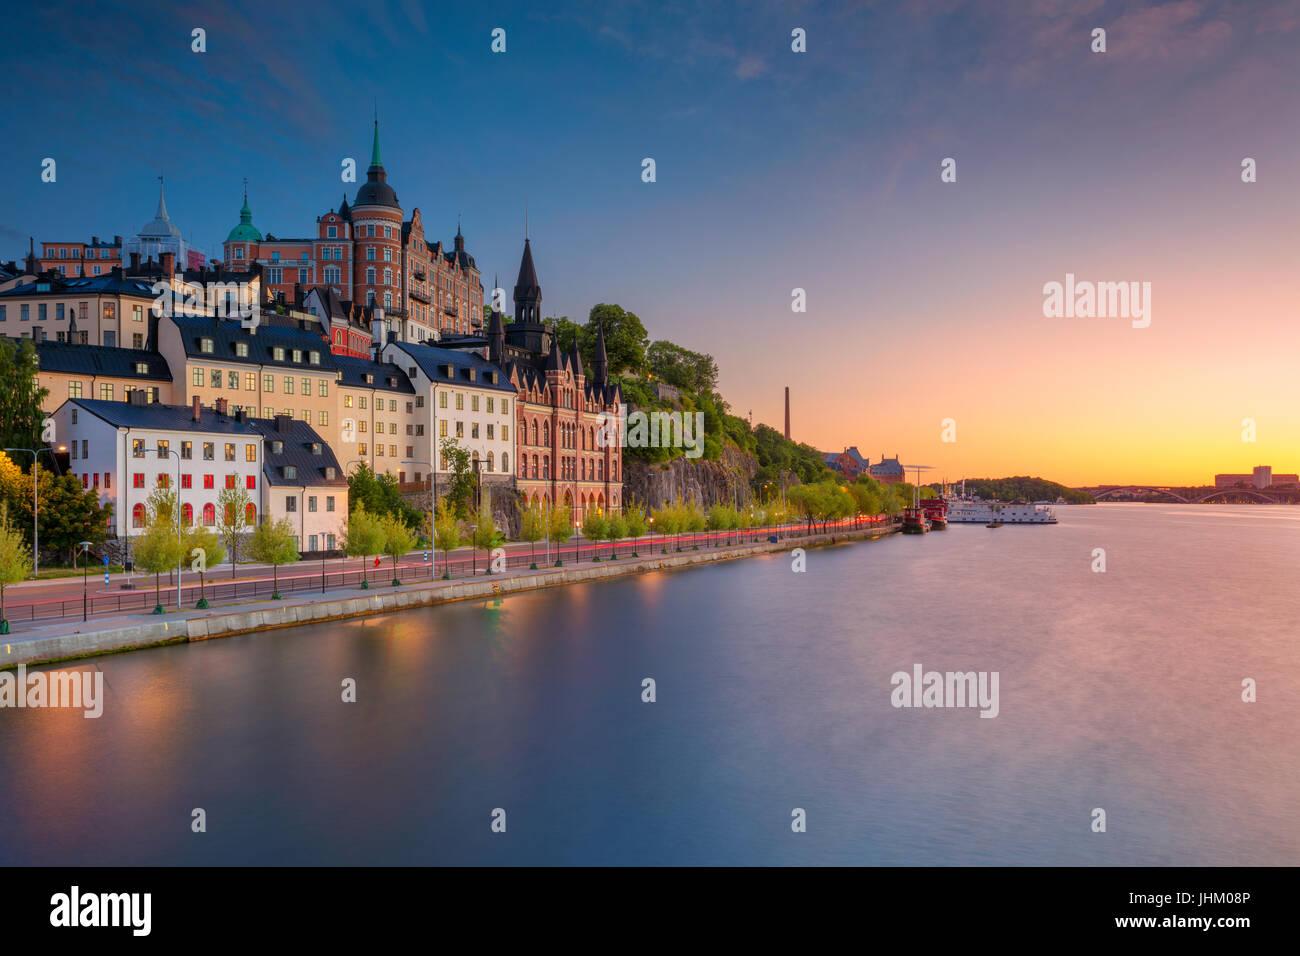 Estocolmo. Imagen de la ciudad vieja de Estocolmo, Suecia durante el atardecer. Imagen De Stock